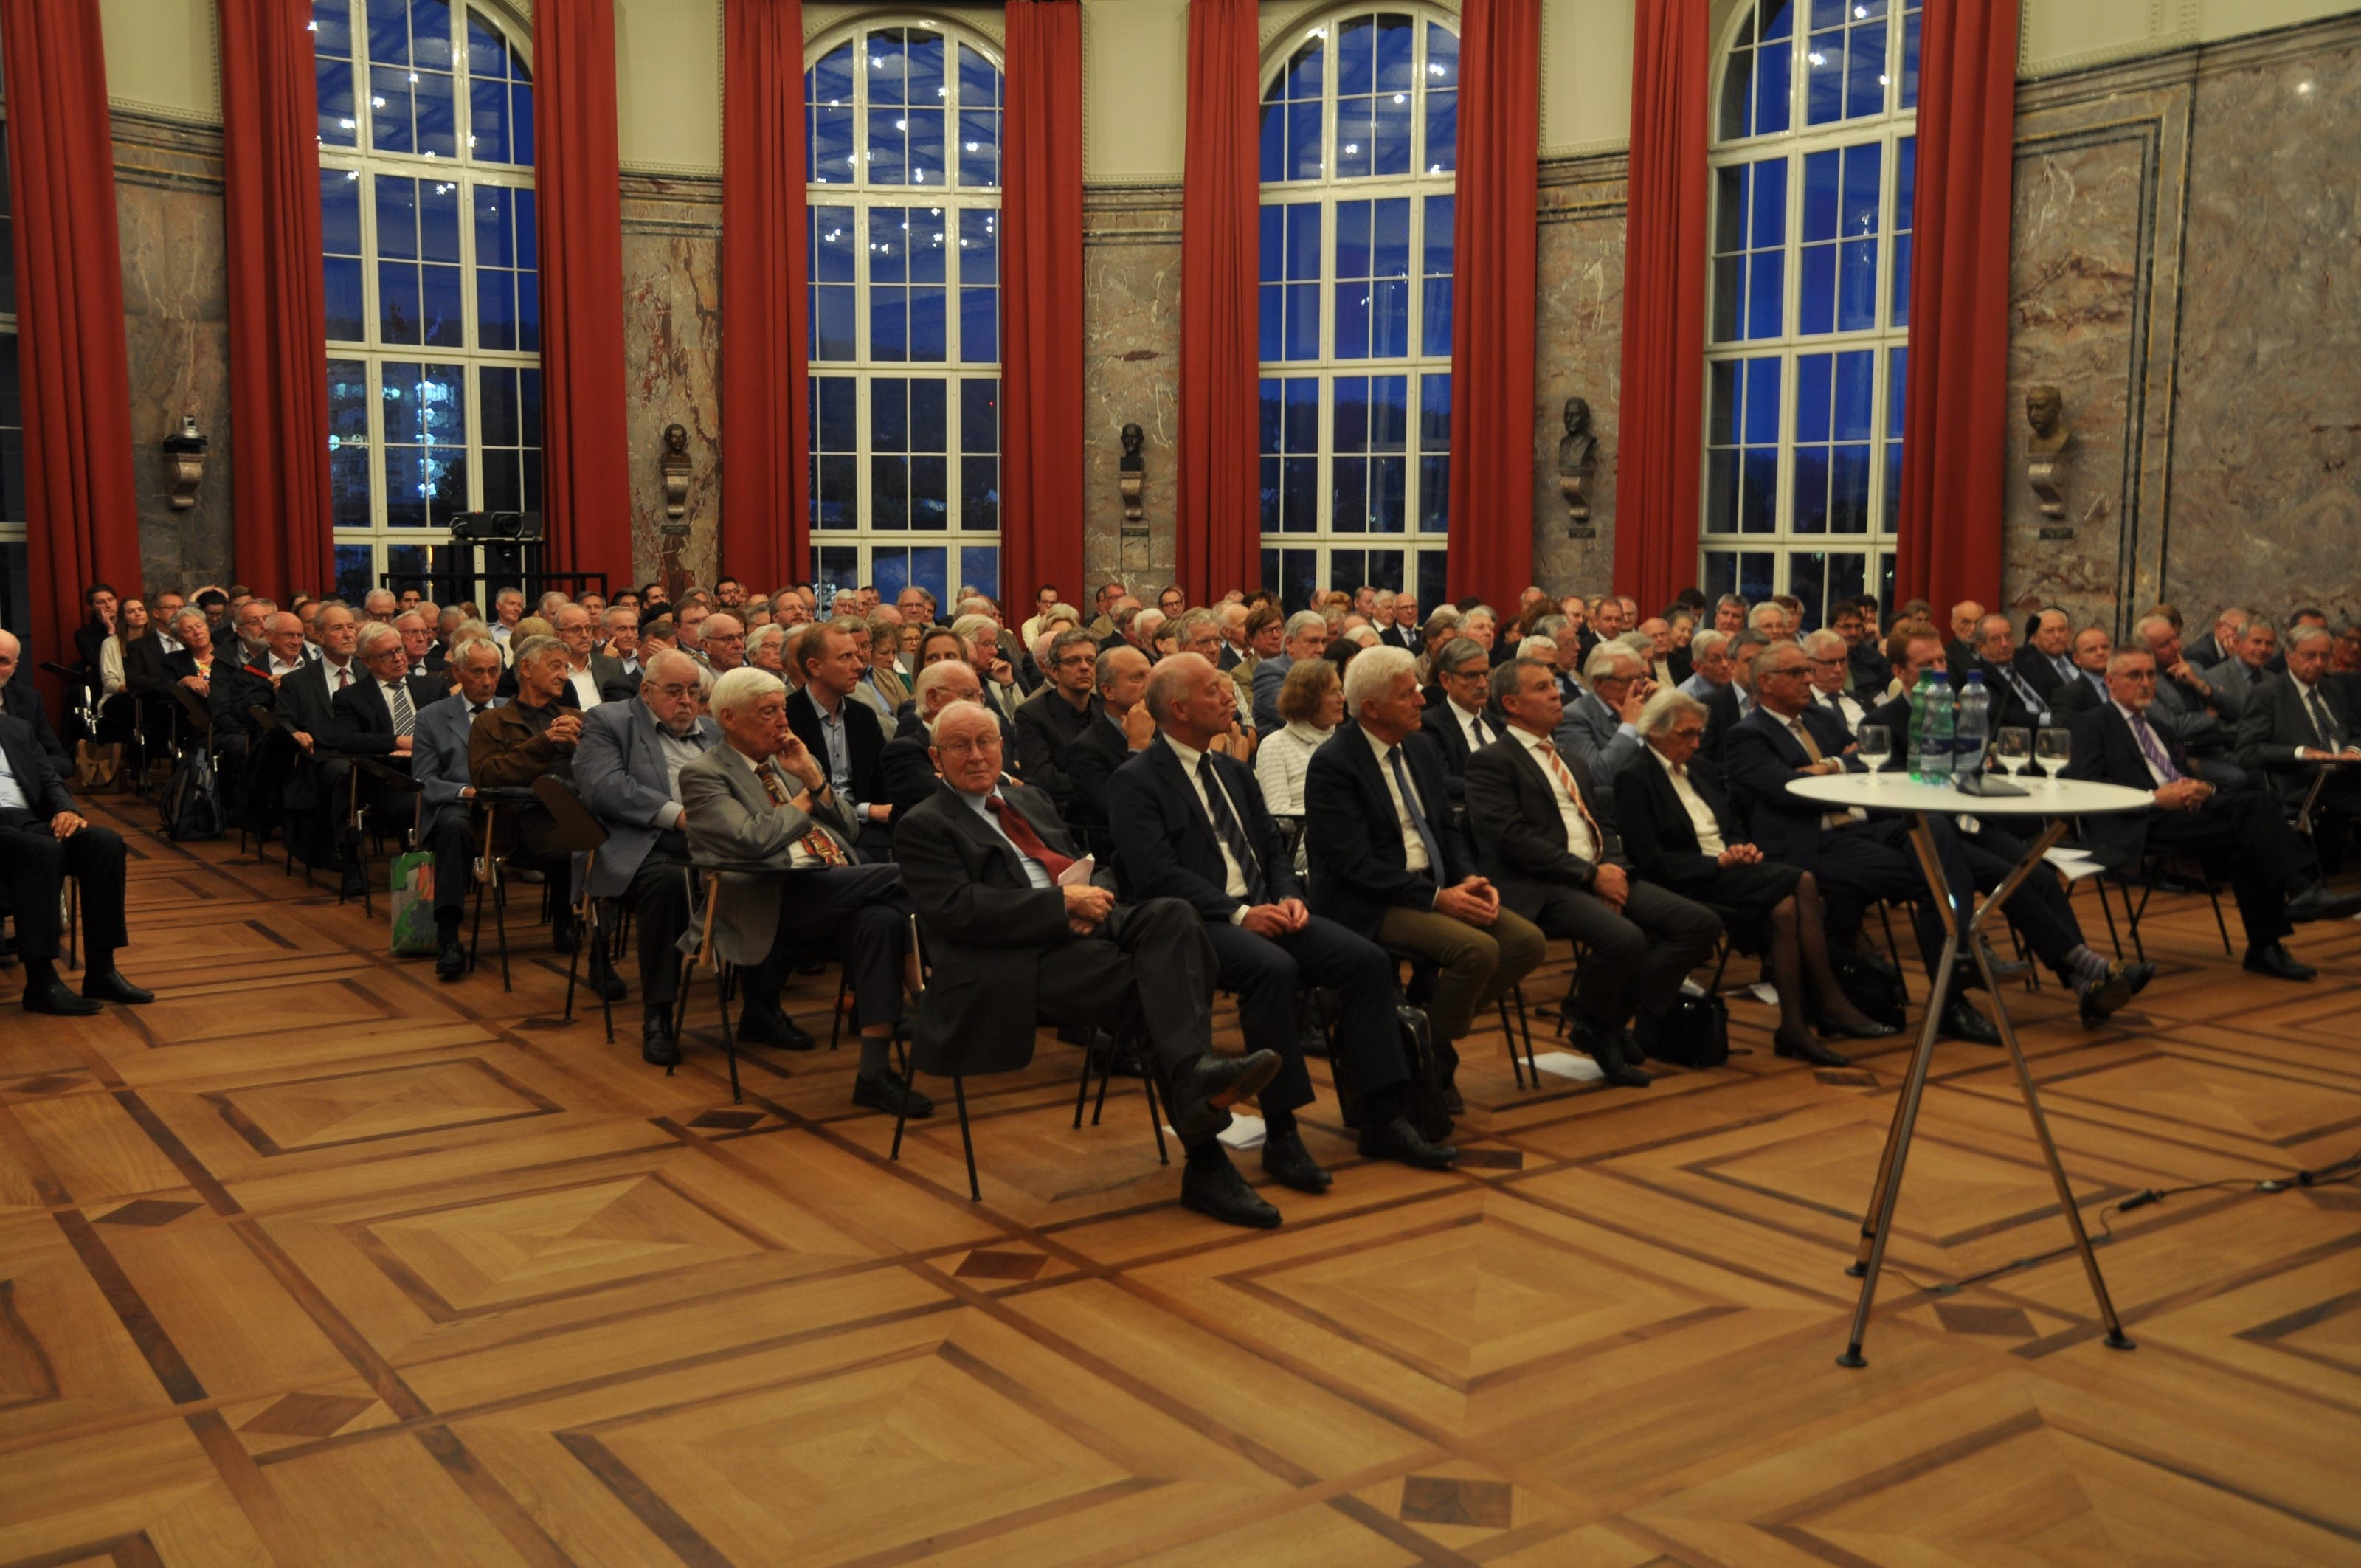 Die Vernissage zum Buch fand in der Aula der Universität Zürich statt.